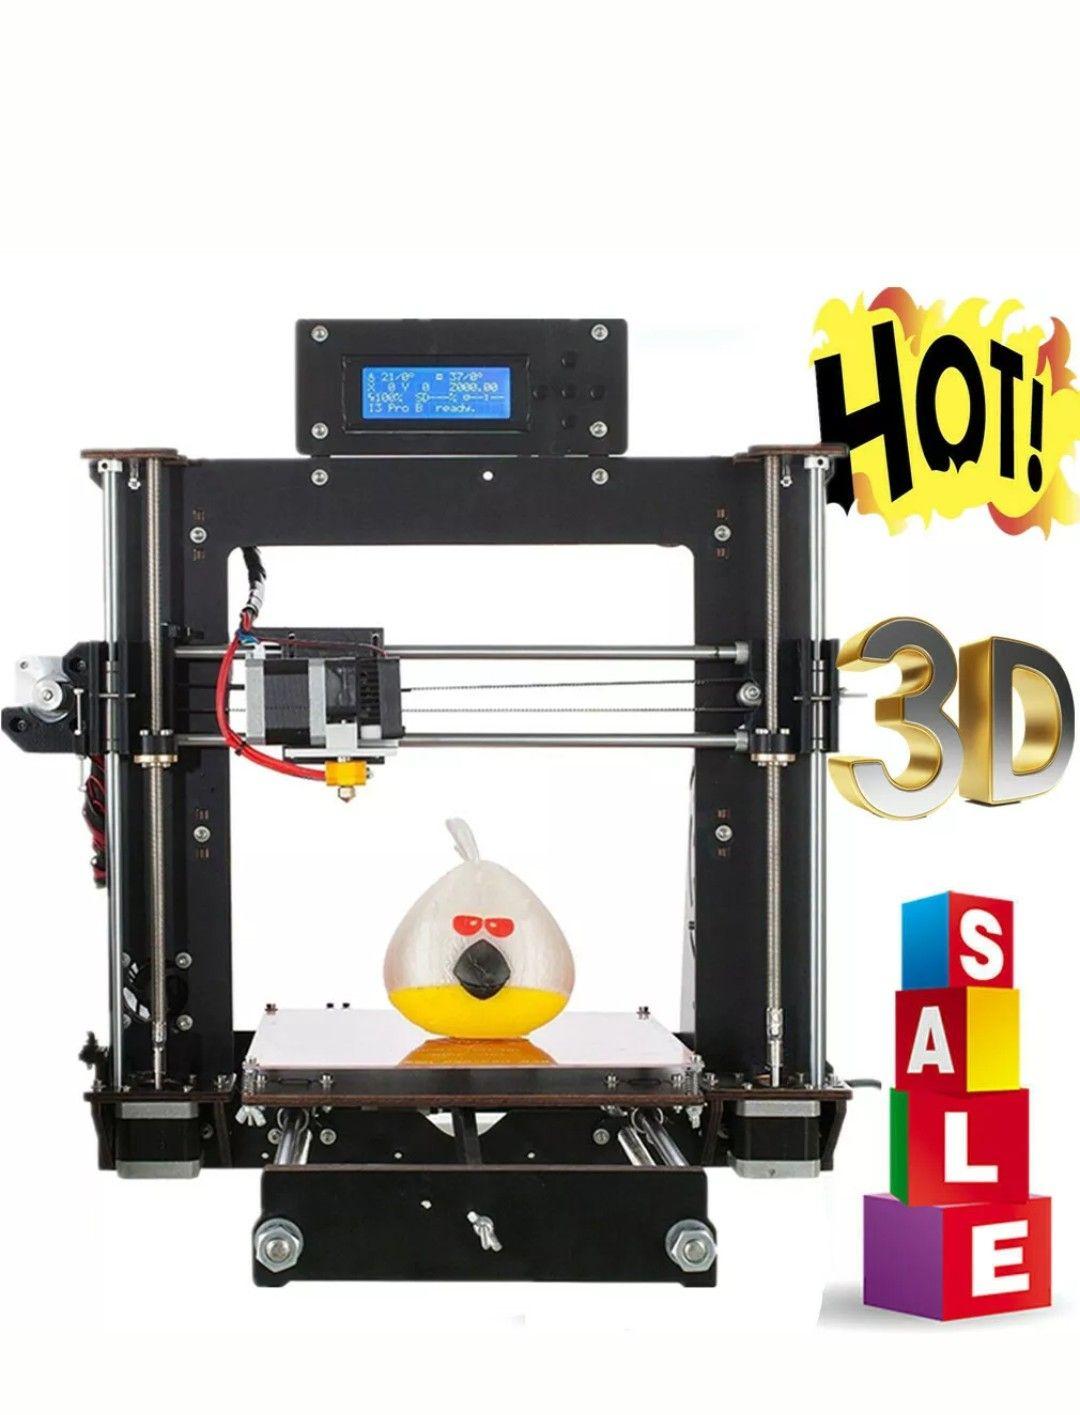 Impresora 3D i3 MK8 actualizado a 2019